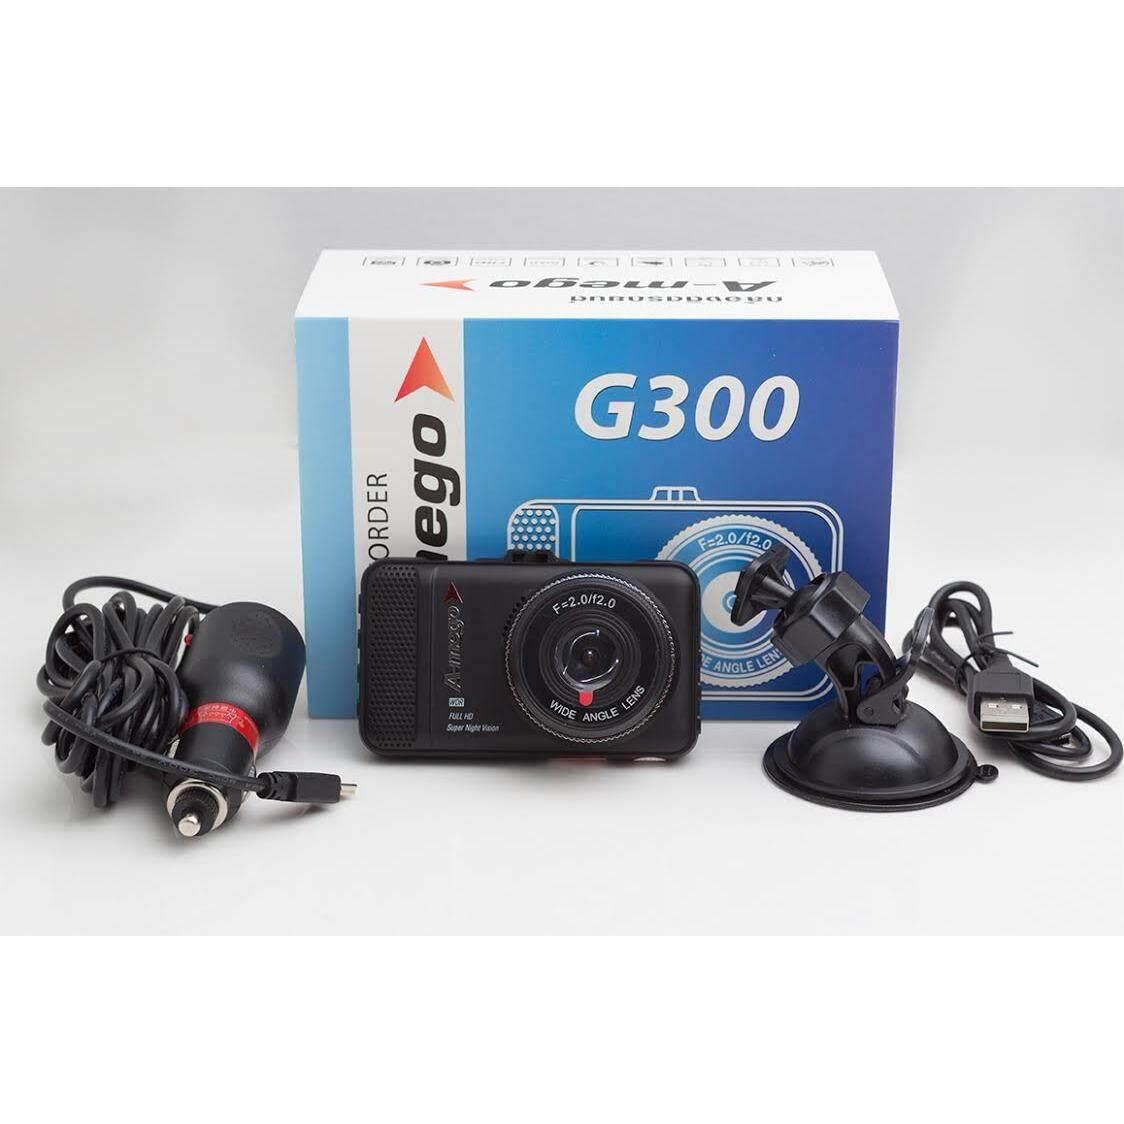 ราคา กล้องติดรถยนต์ A Mego G300 แถมฟรี Memory Kingston Micro Sd Card Class 10 16Gb ถูก